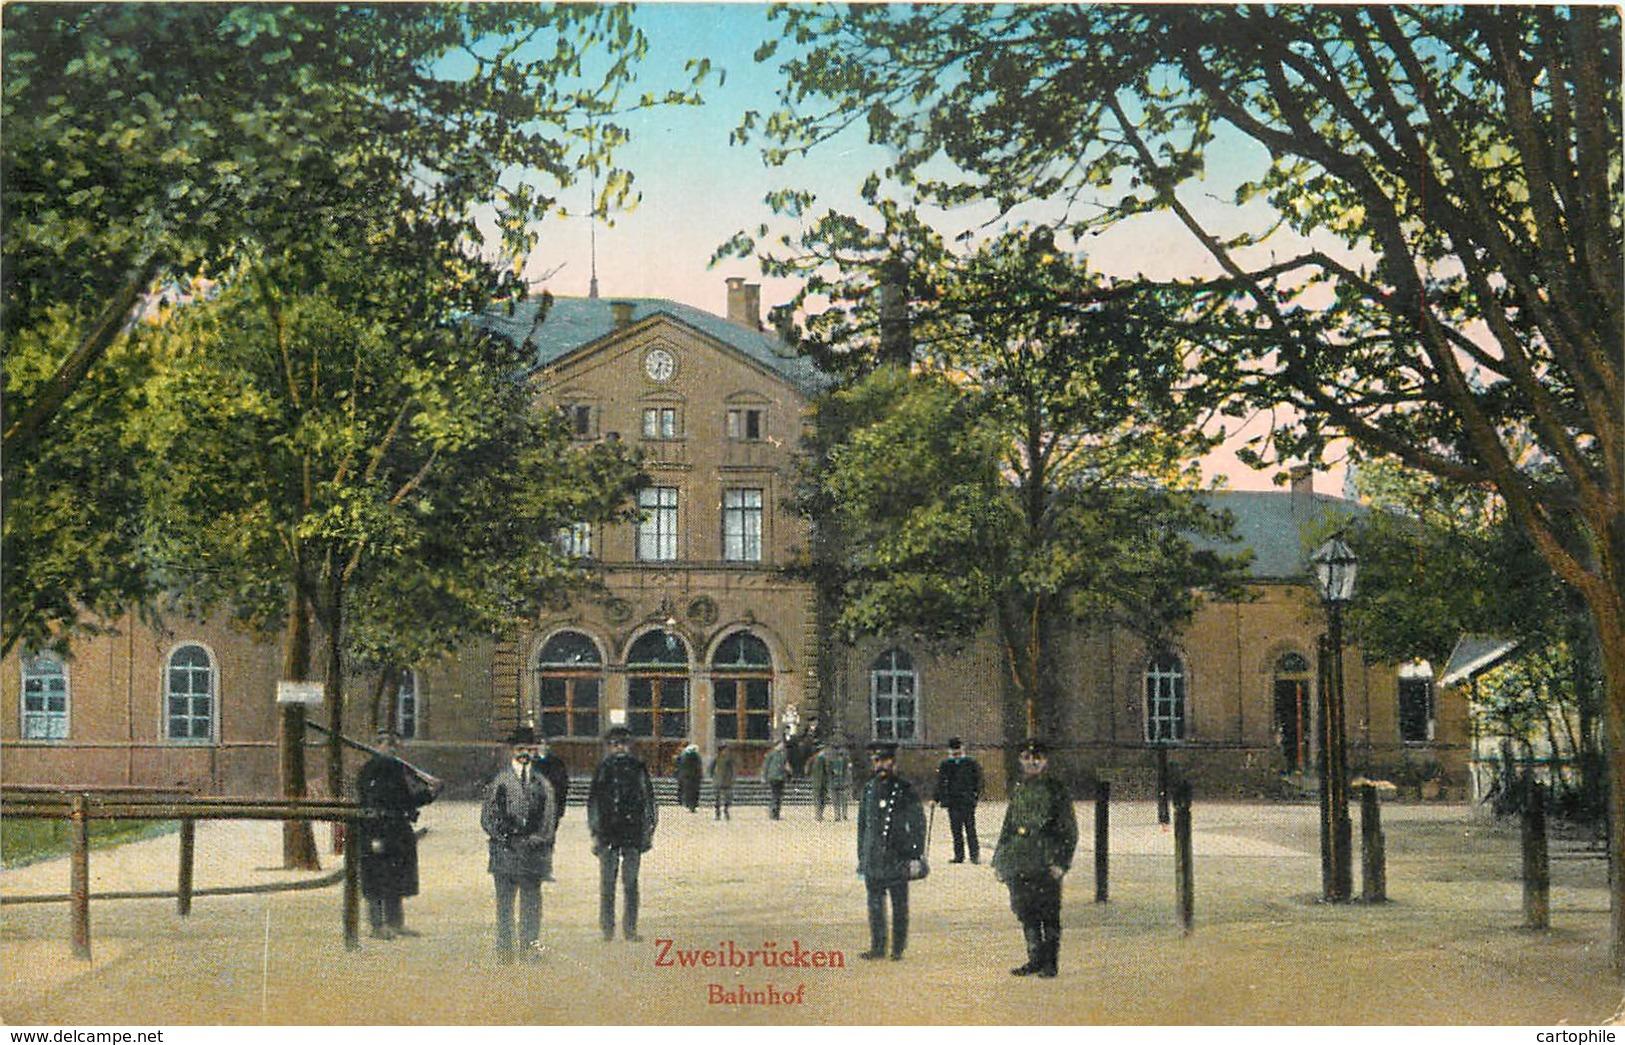 Allemagne - Zweibrucken - Bahnhof - Zweibruecken